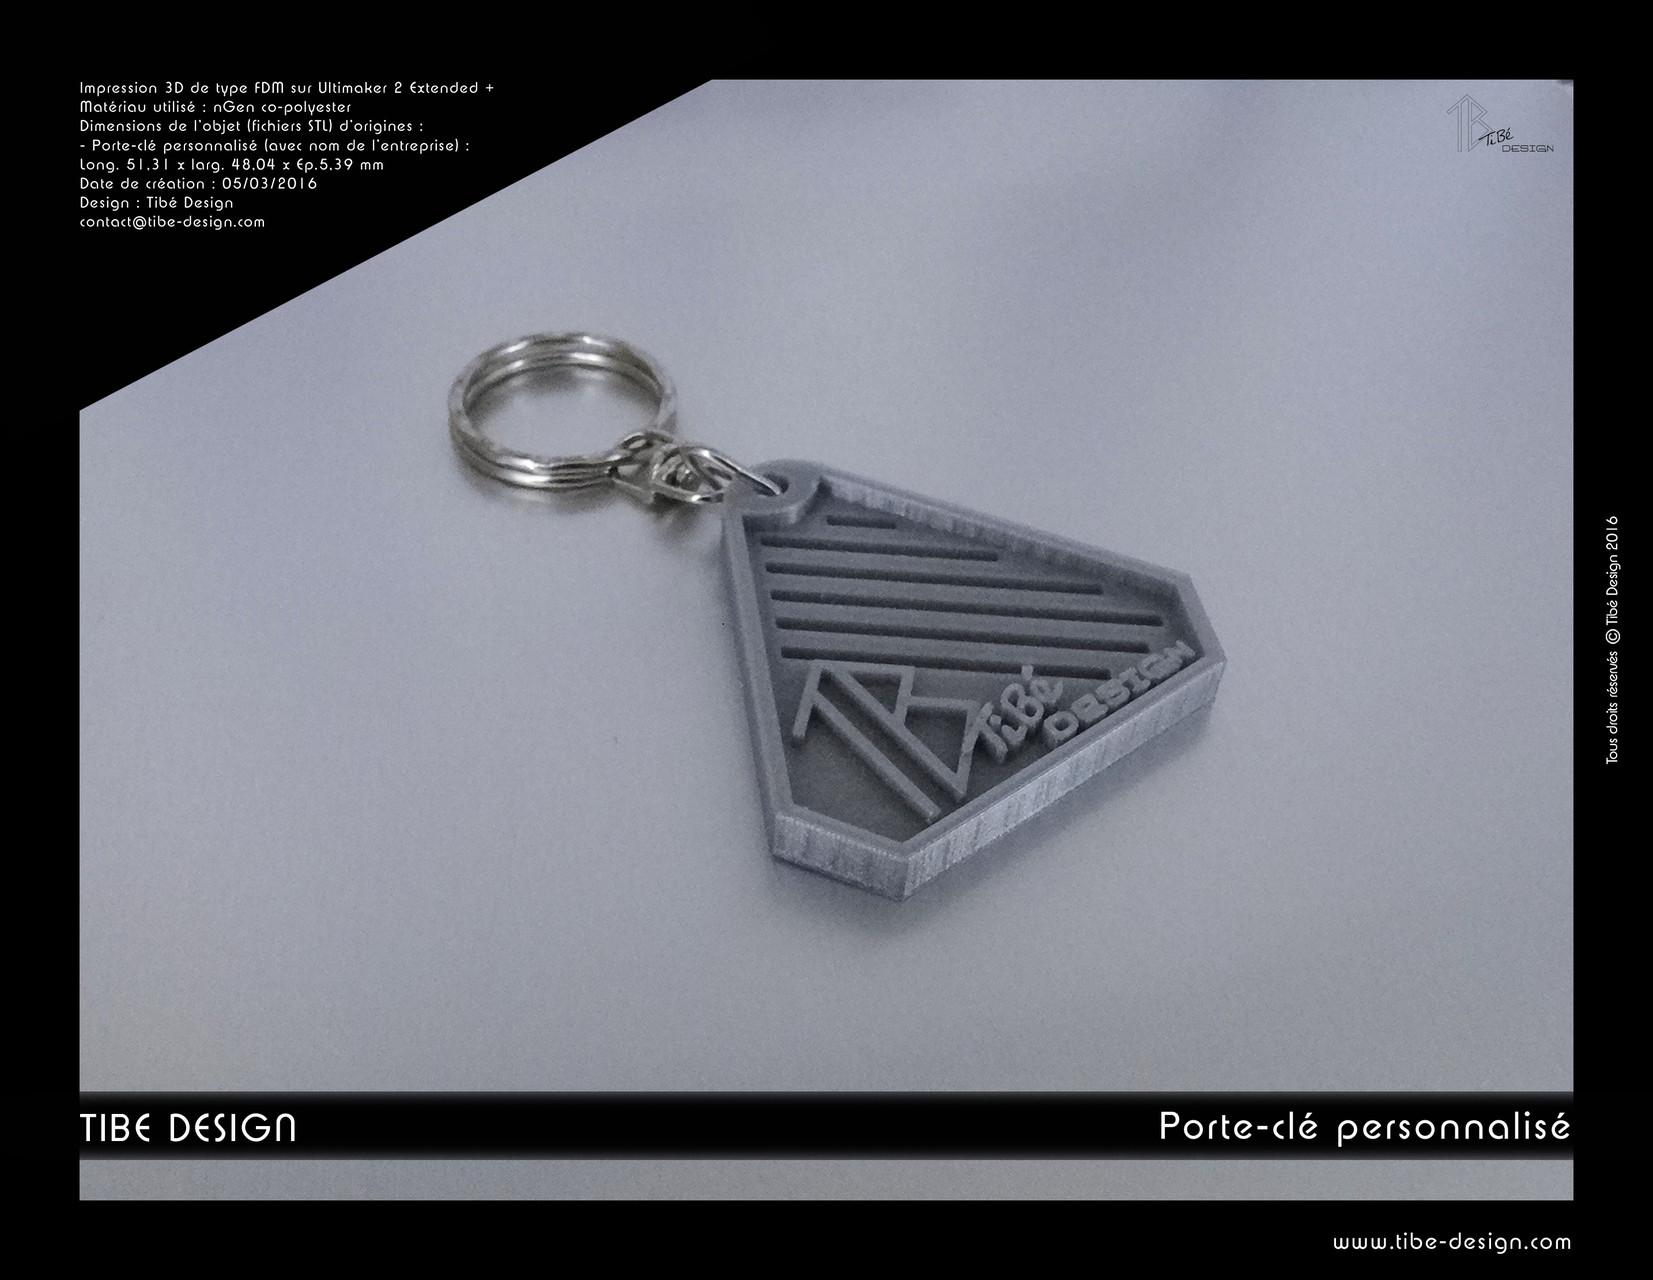 Porte-clés personnalisé print 3D Tibé design